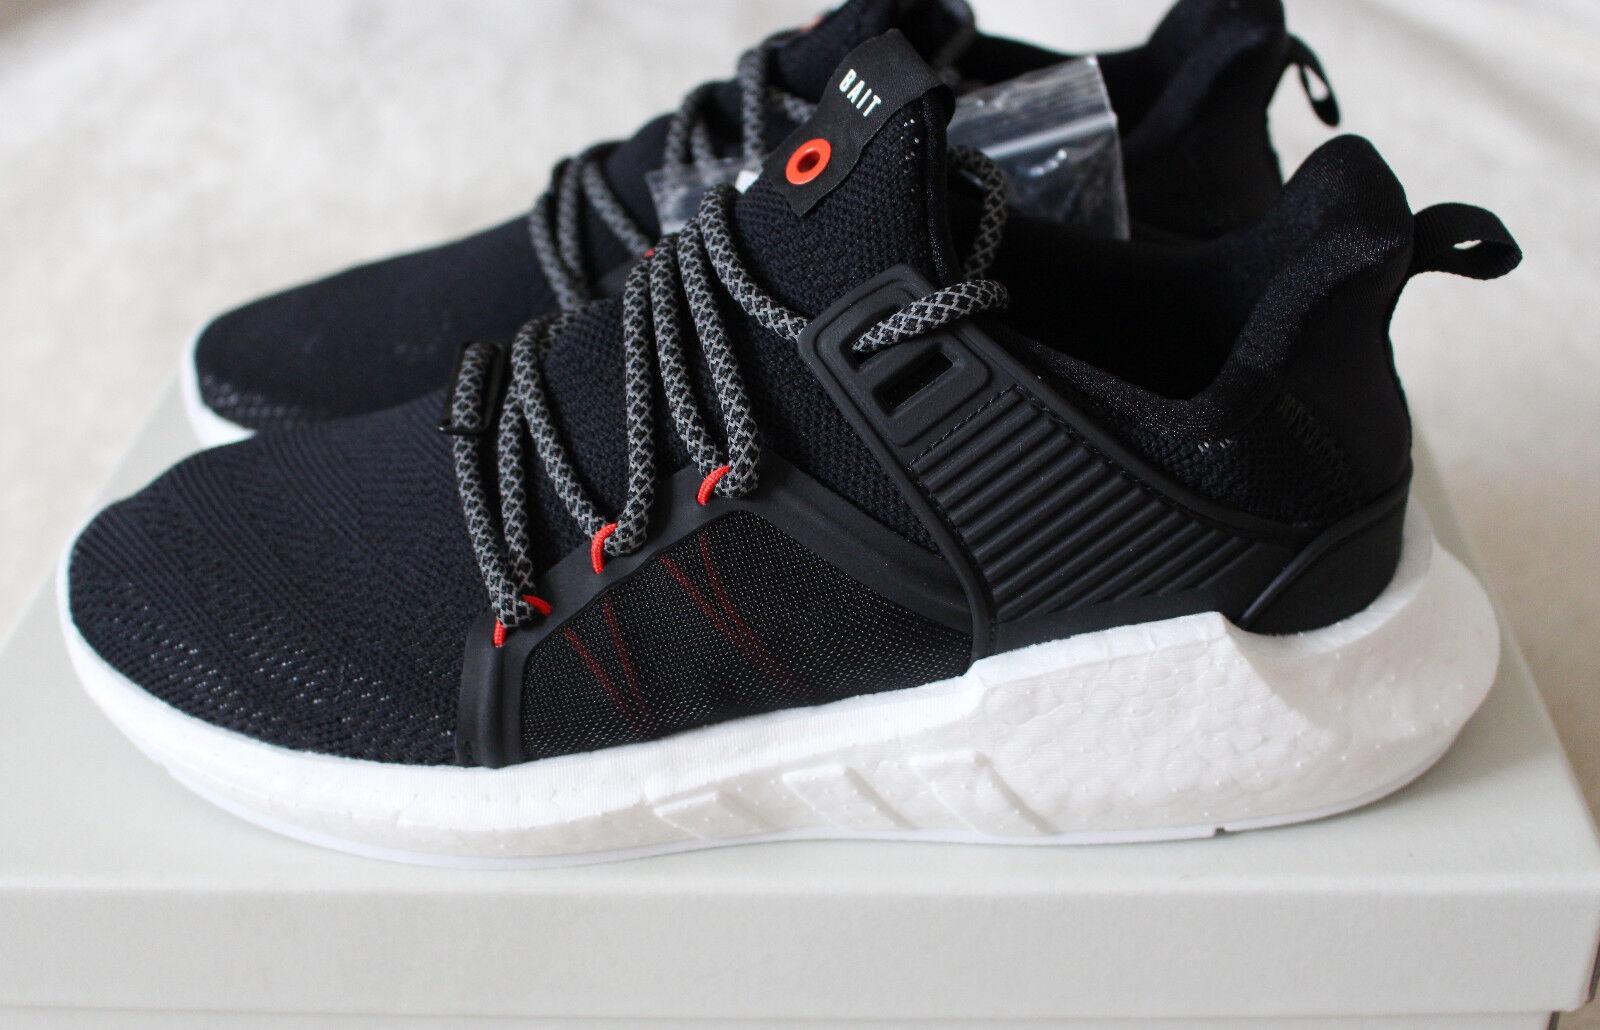 Nuevo Adidas Bait EQT 93 17 desarrollo de investigación y desarrollo Support Future Negro Rojo nos 11